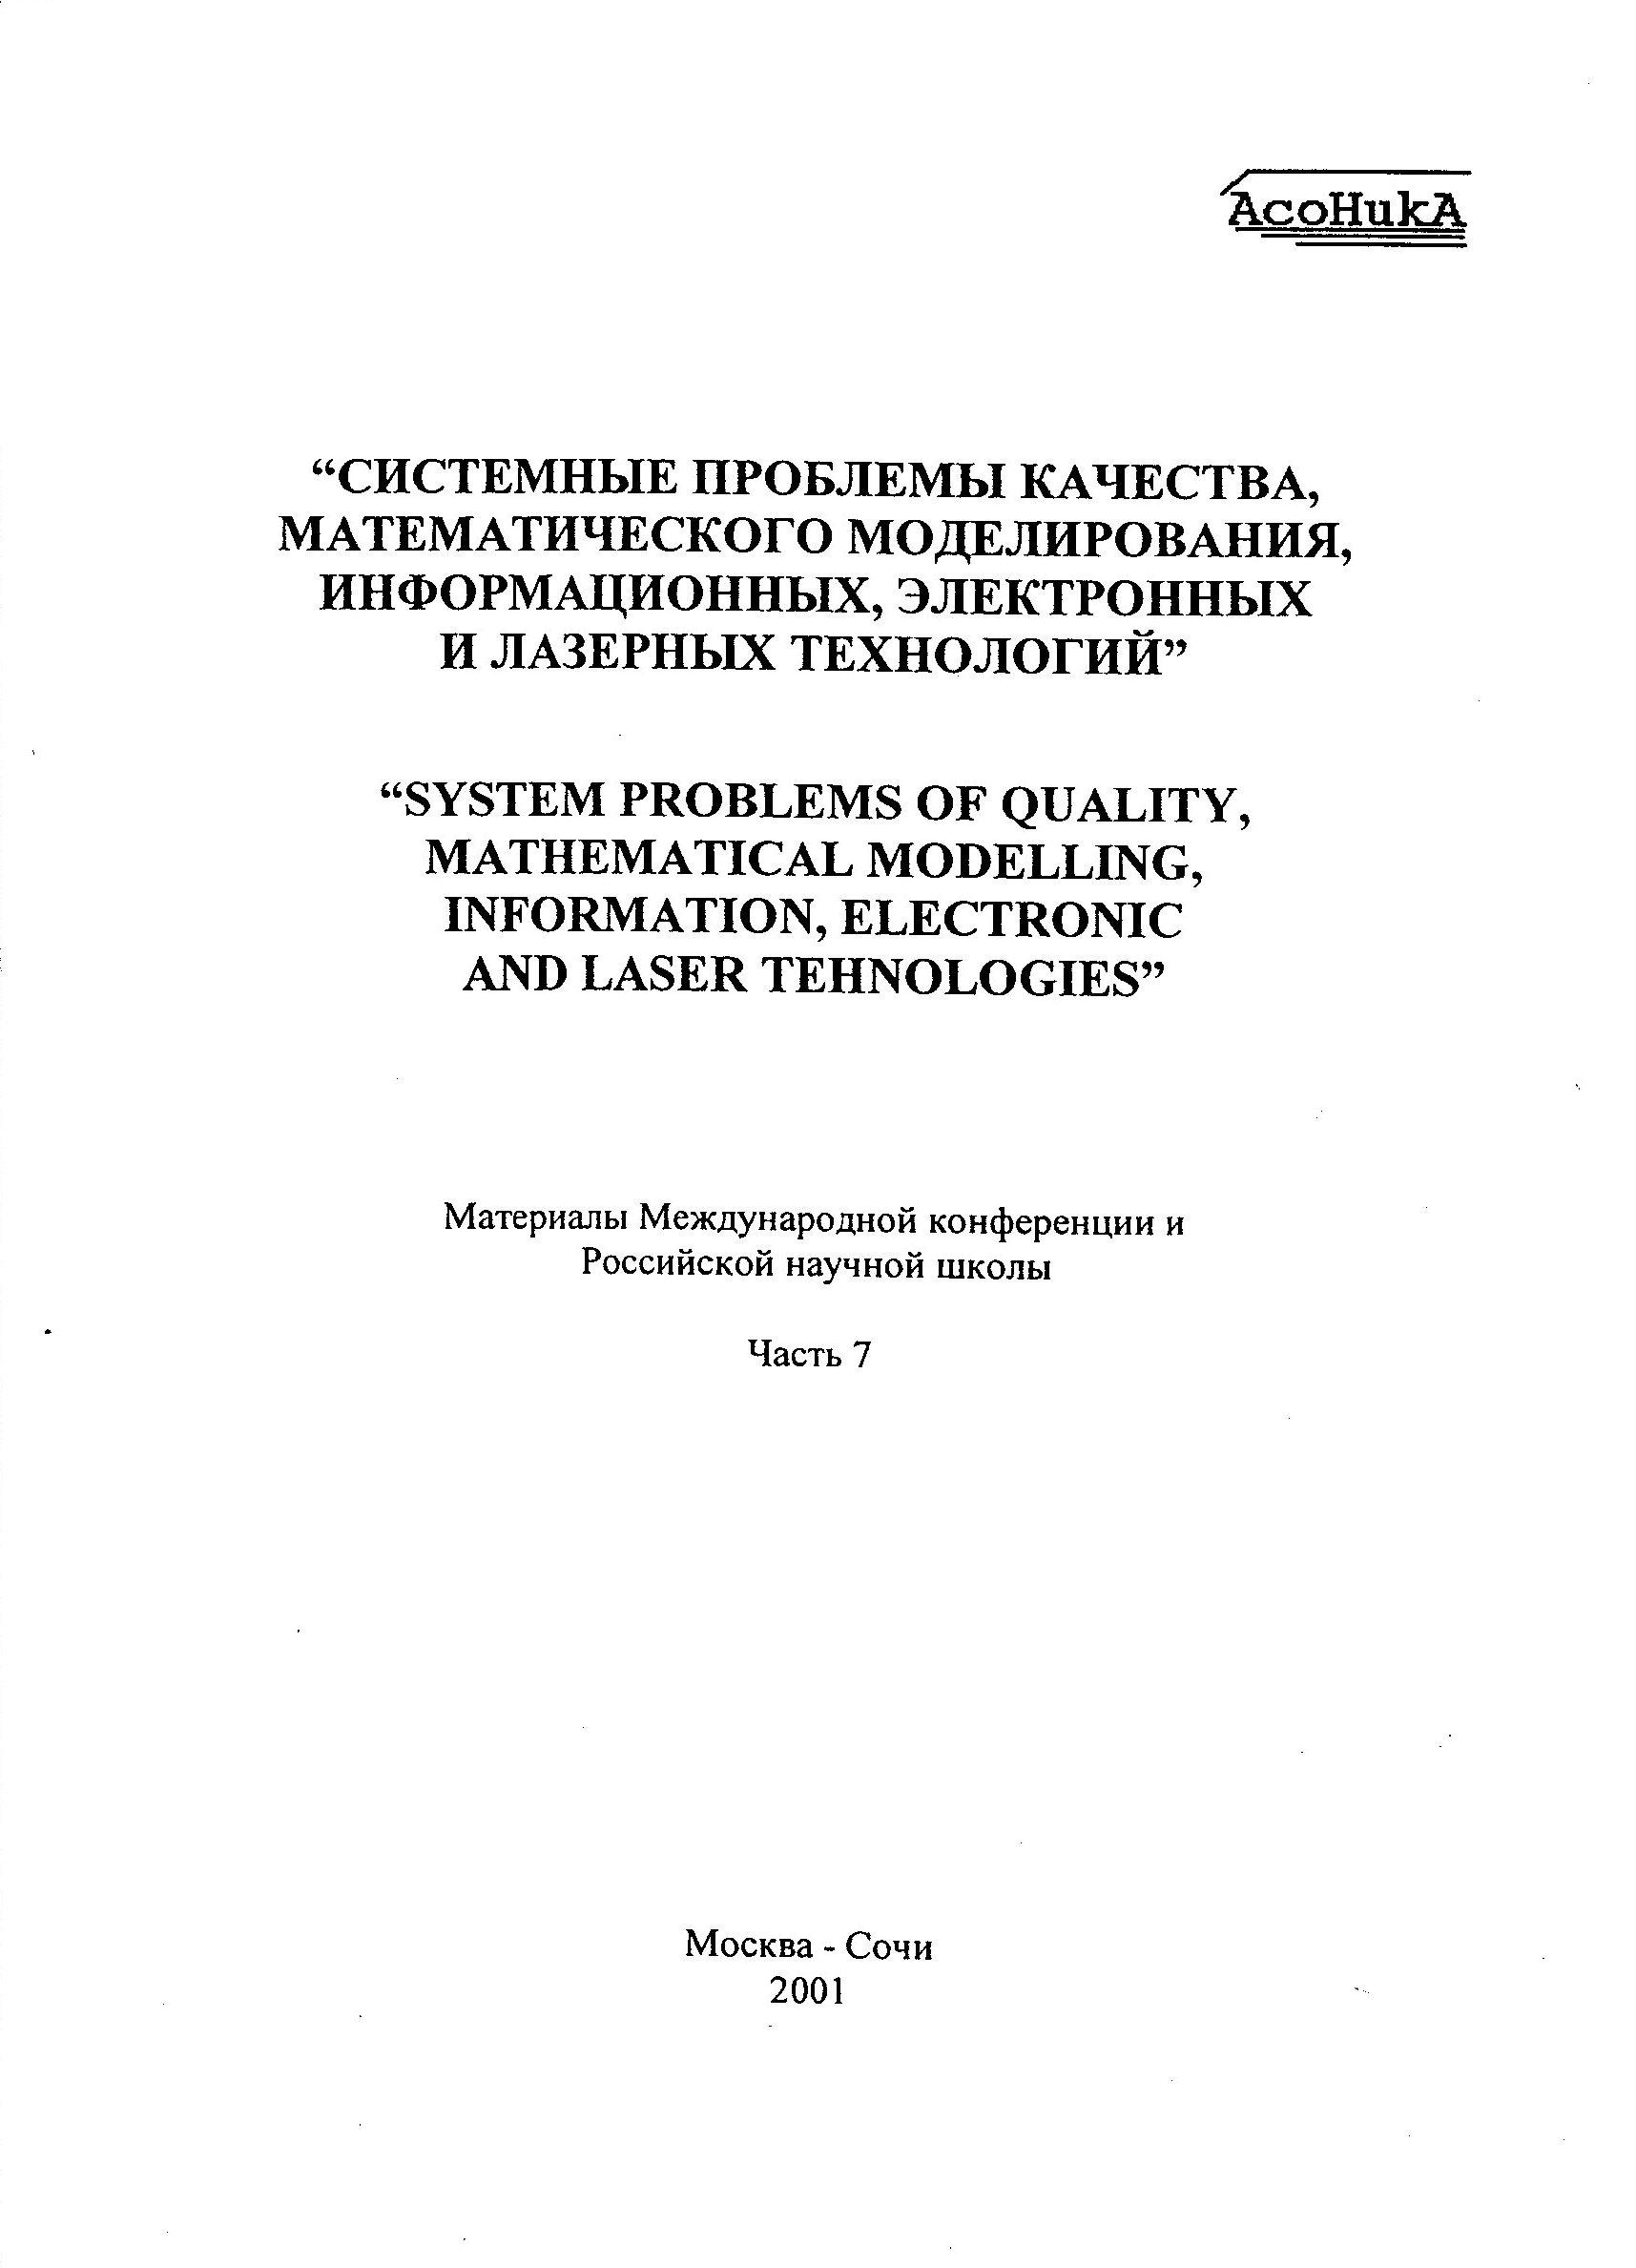 Системные проблемы качества, математического моделирования, информационных, электронных и лазерных технологий: Материалы Международной конференции и Российской научной школы